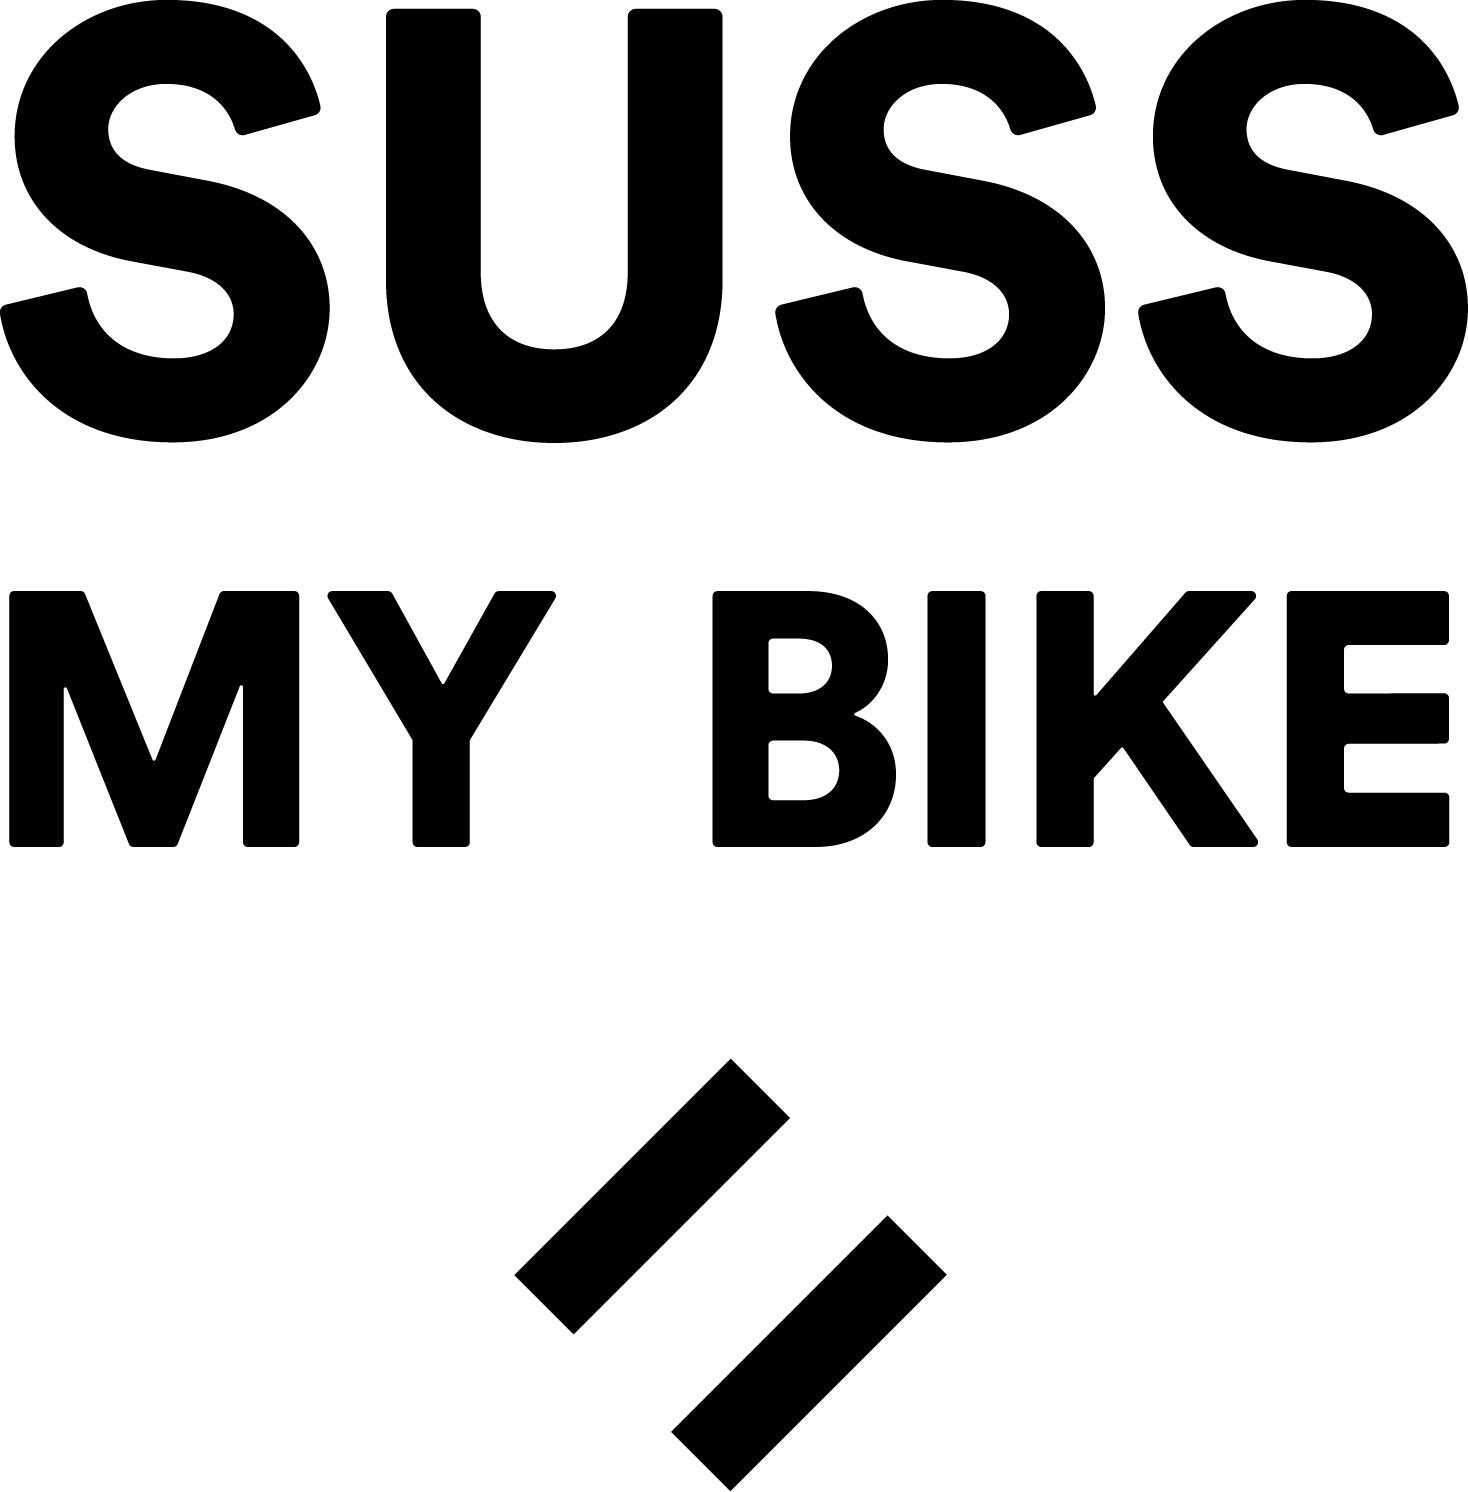 SussMyBike